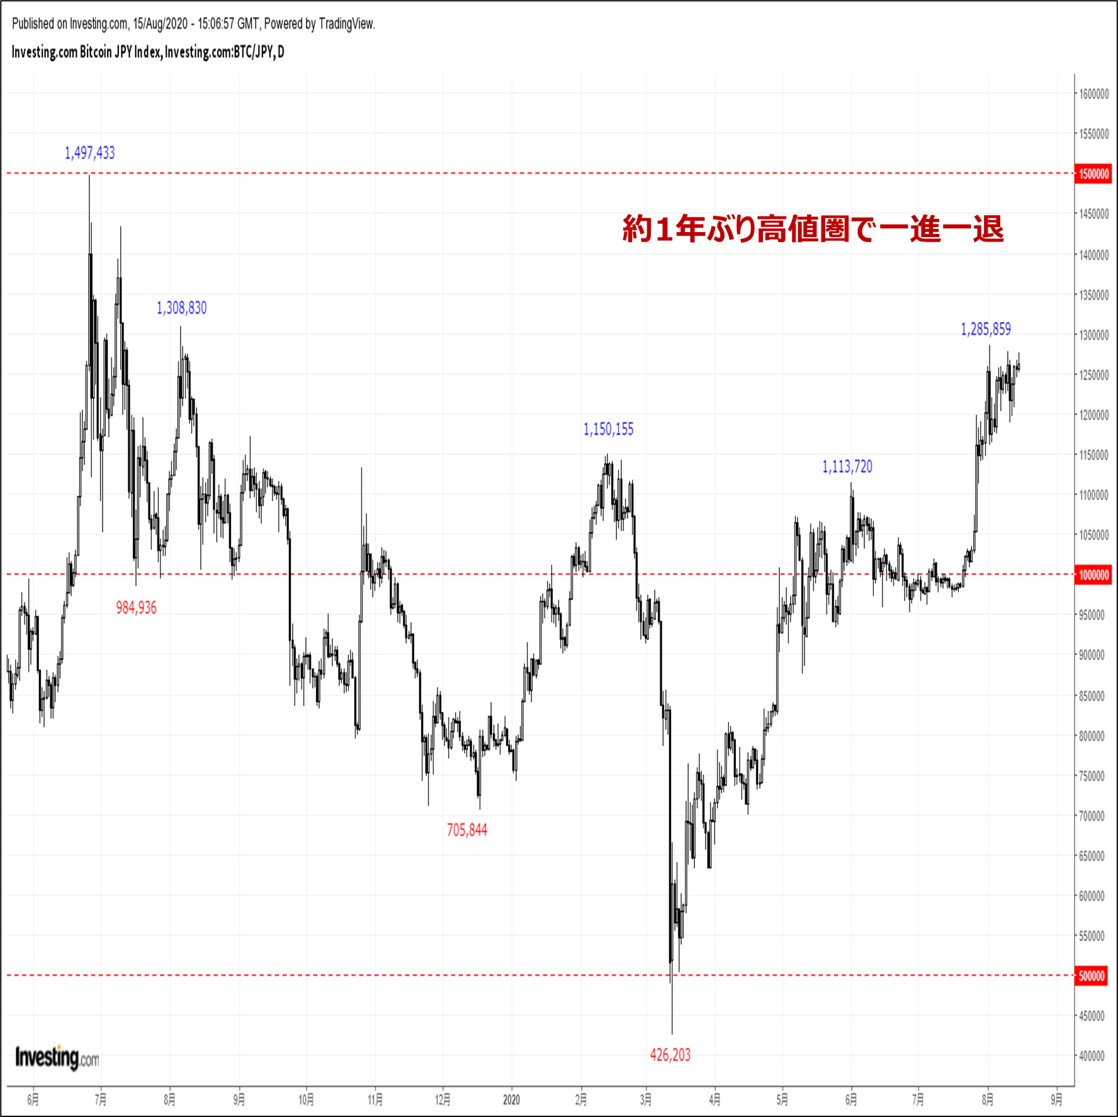 ビットコインの価格分析:『約1年ぶり高値圏で力強い動き。高値更新は射程圏内』(20/8/16)